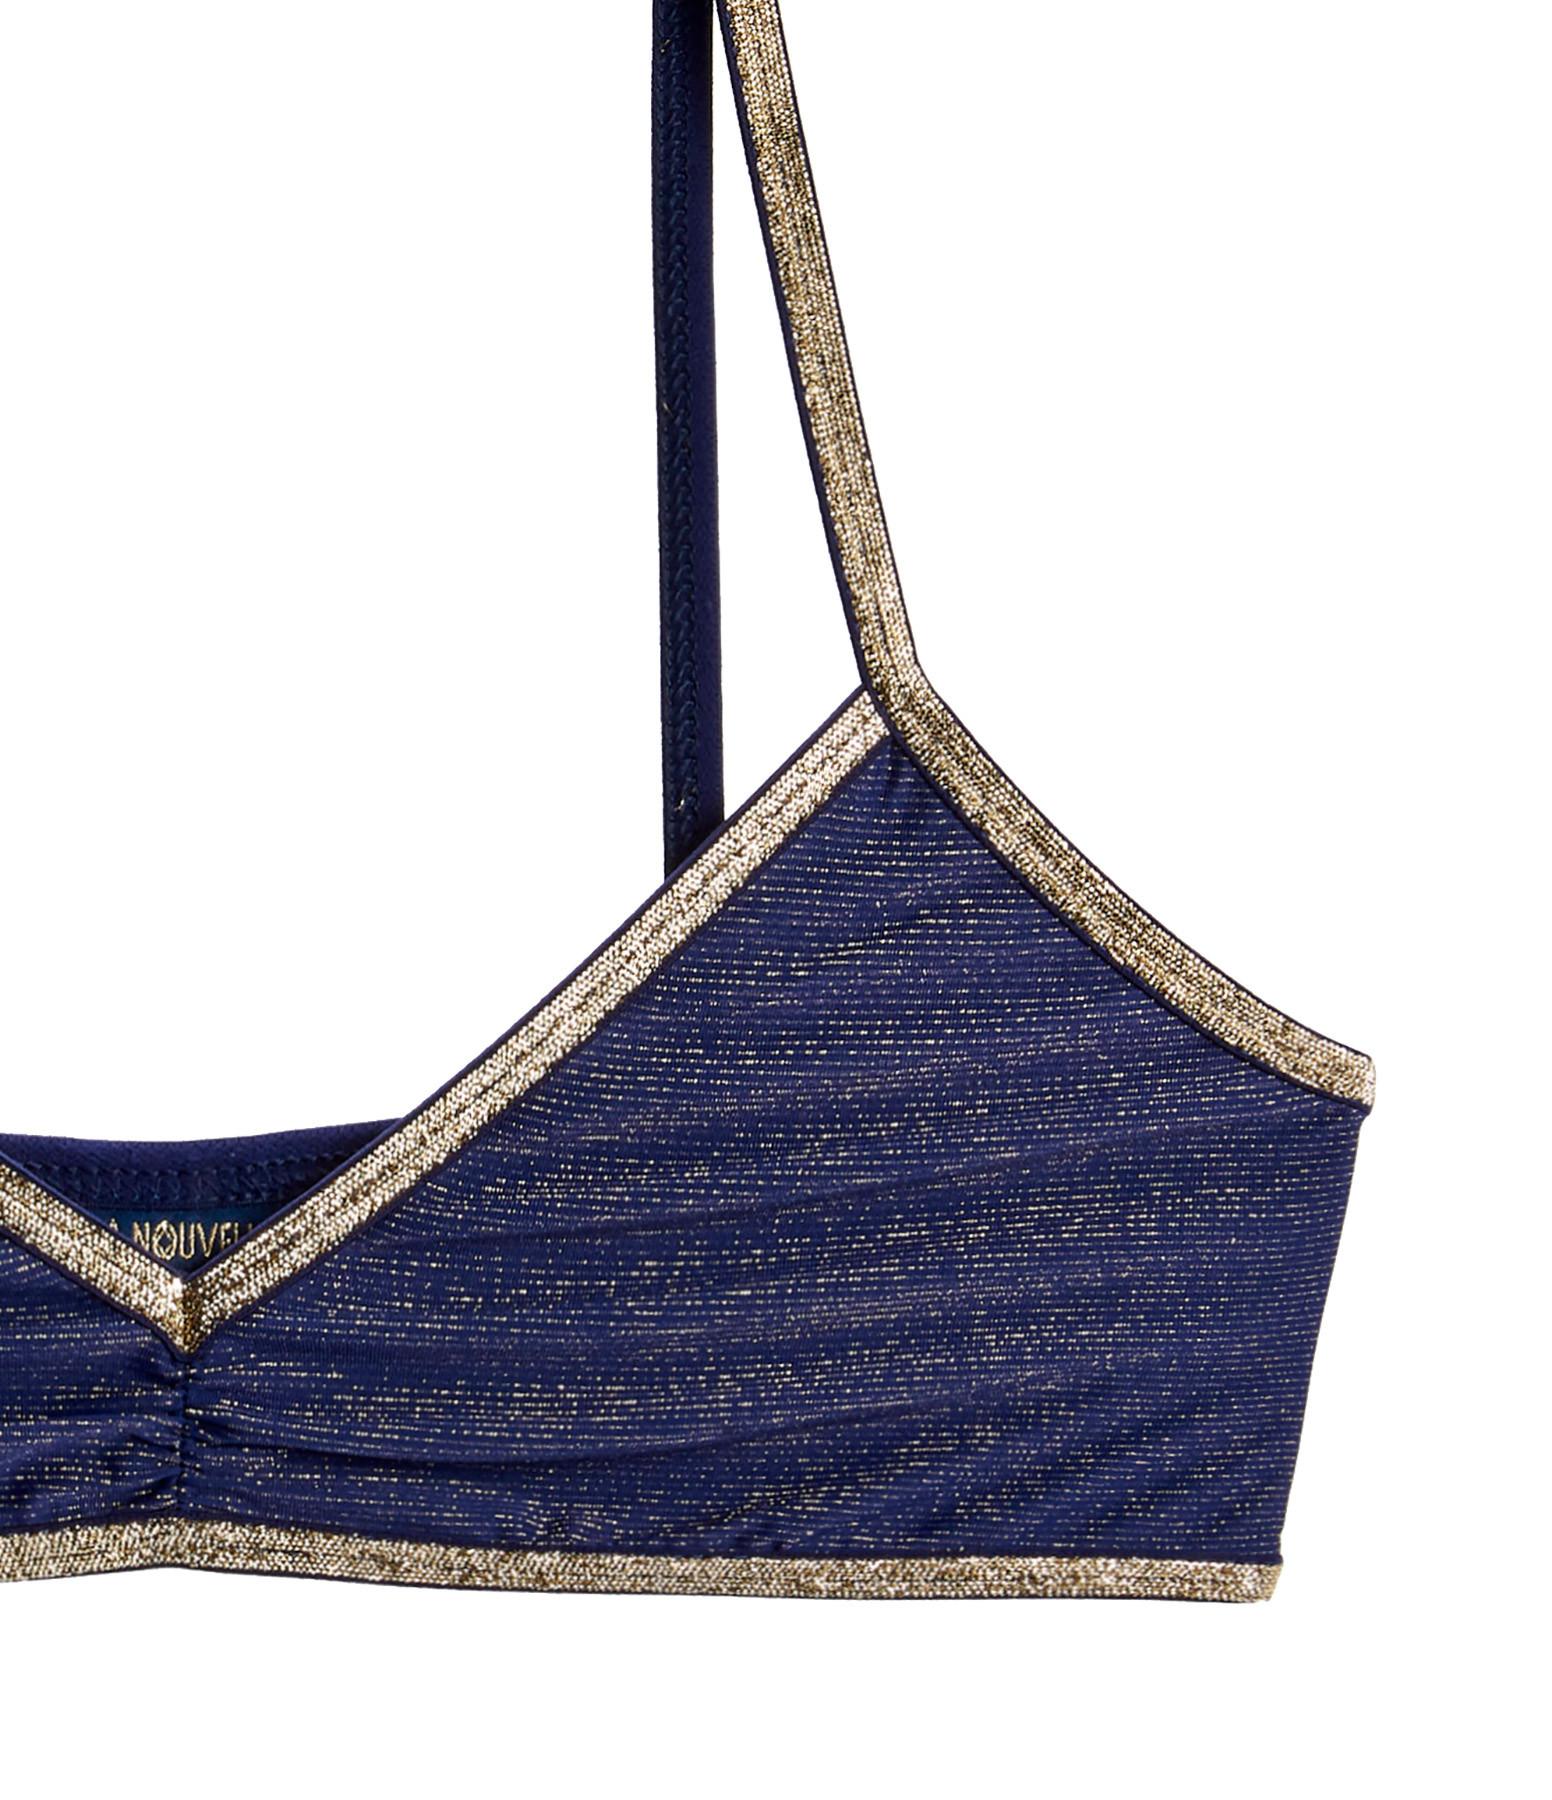 LA NOUVELLE - Brassiere Georgia Lurex Bleu Nuit